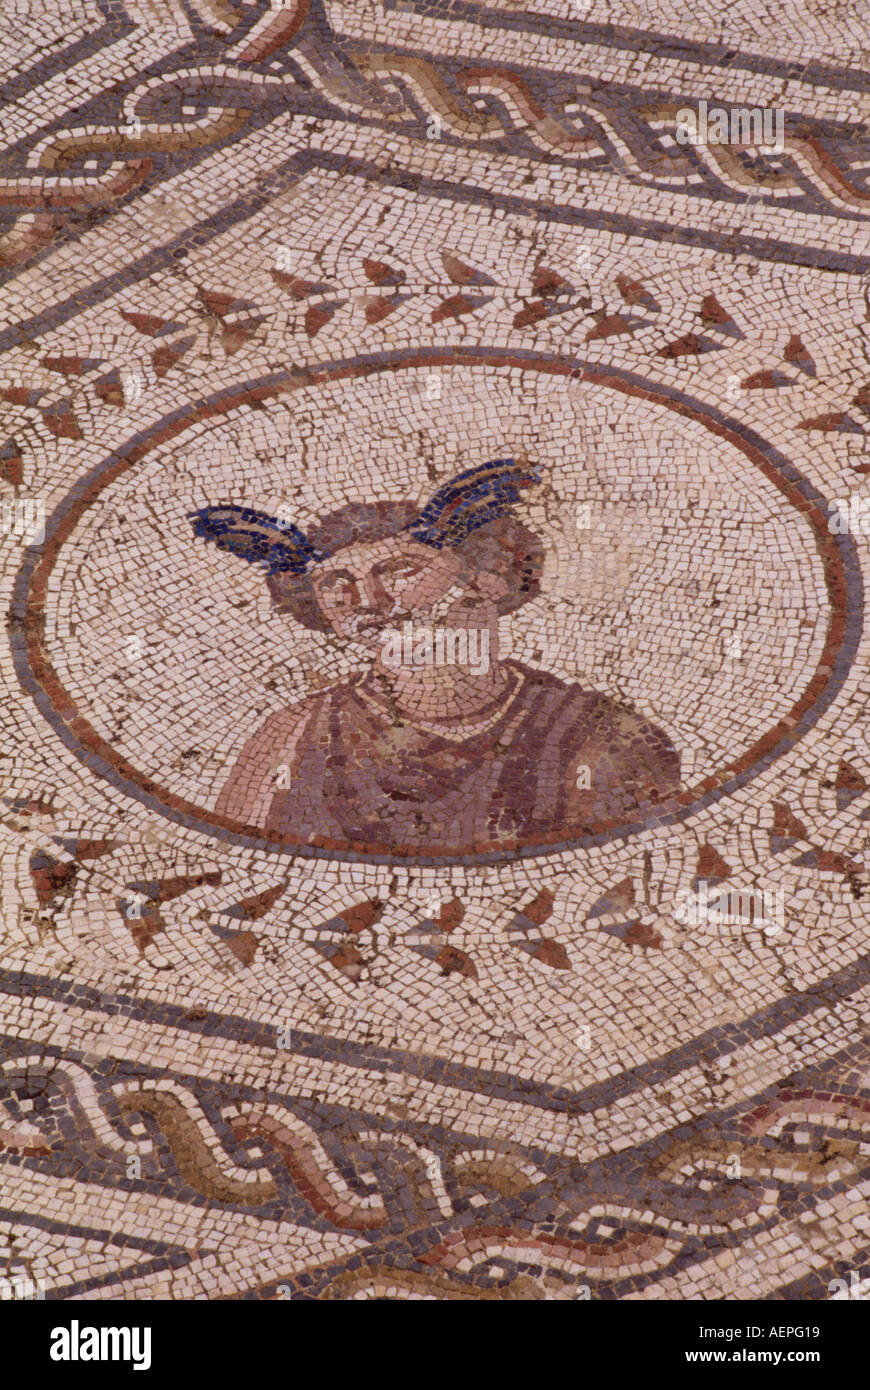 Italica bei Sevilla, Amphitheater, errichtet unter Hadrian, 117-38, Fußbodenmosaik - Stock Image